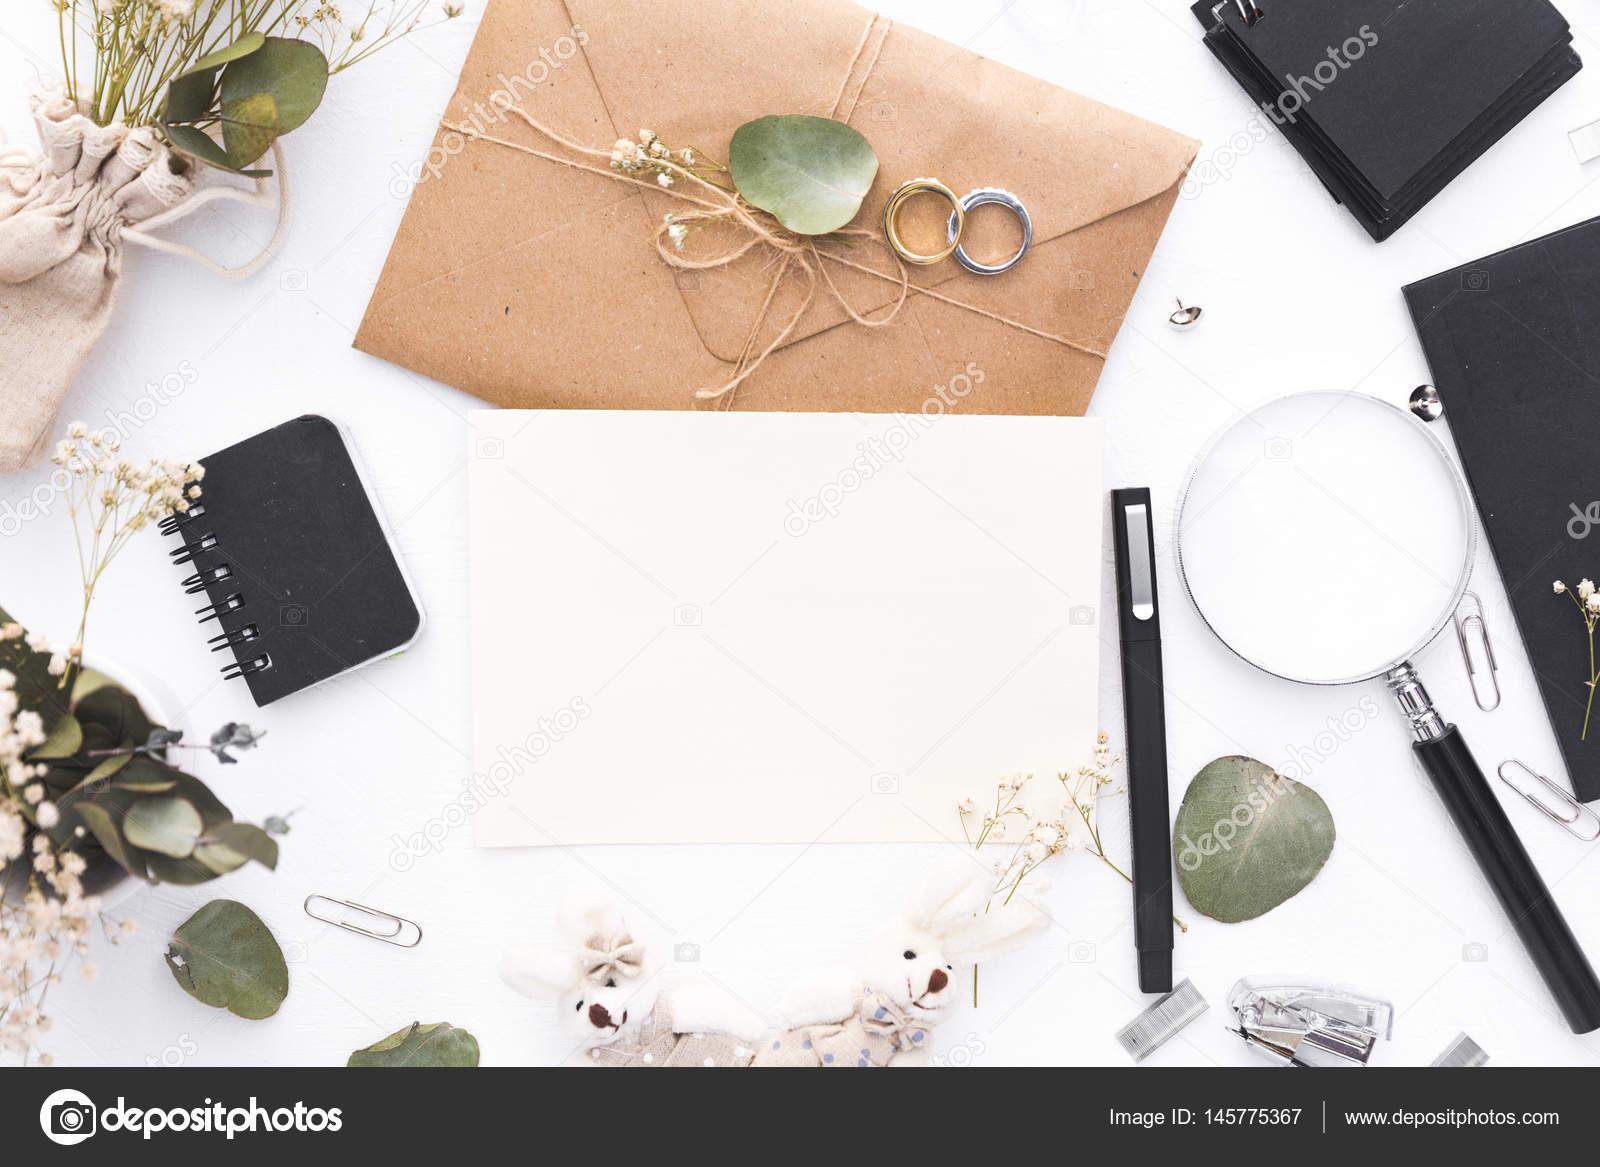 Espace Travail Plat La C Planification Mariage Cartes Invitation